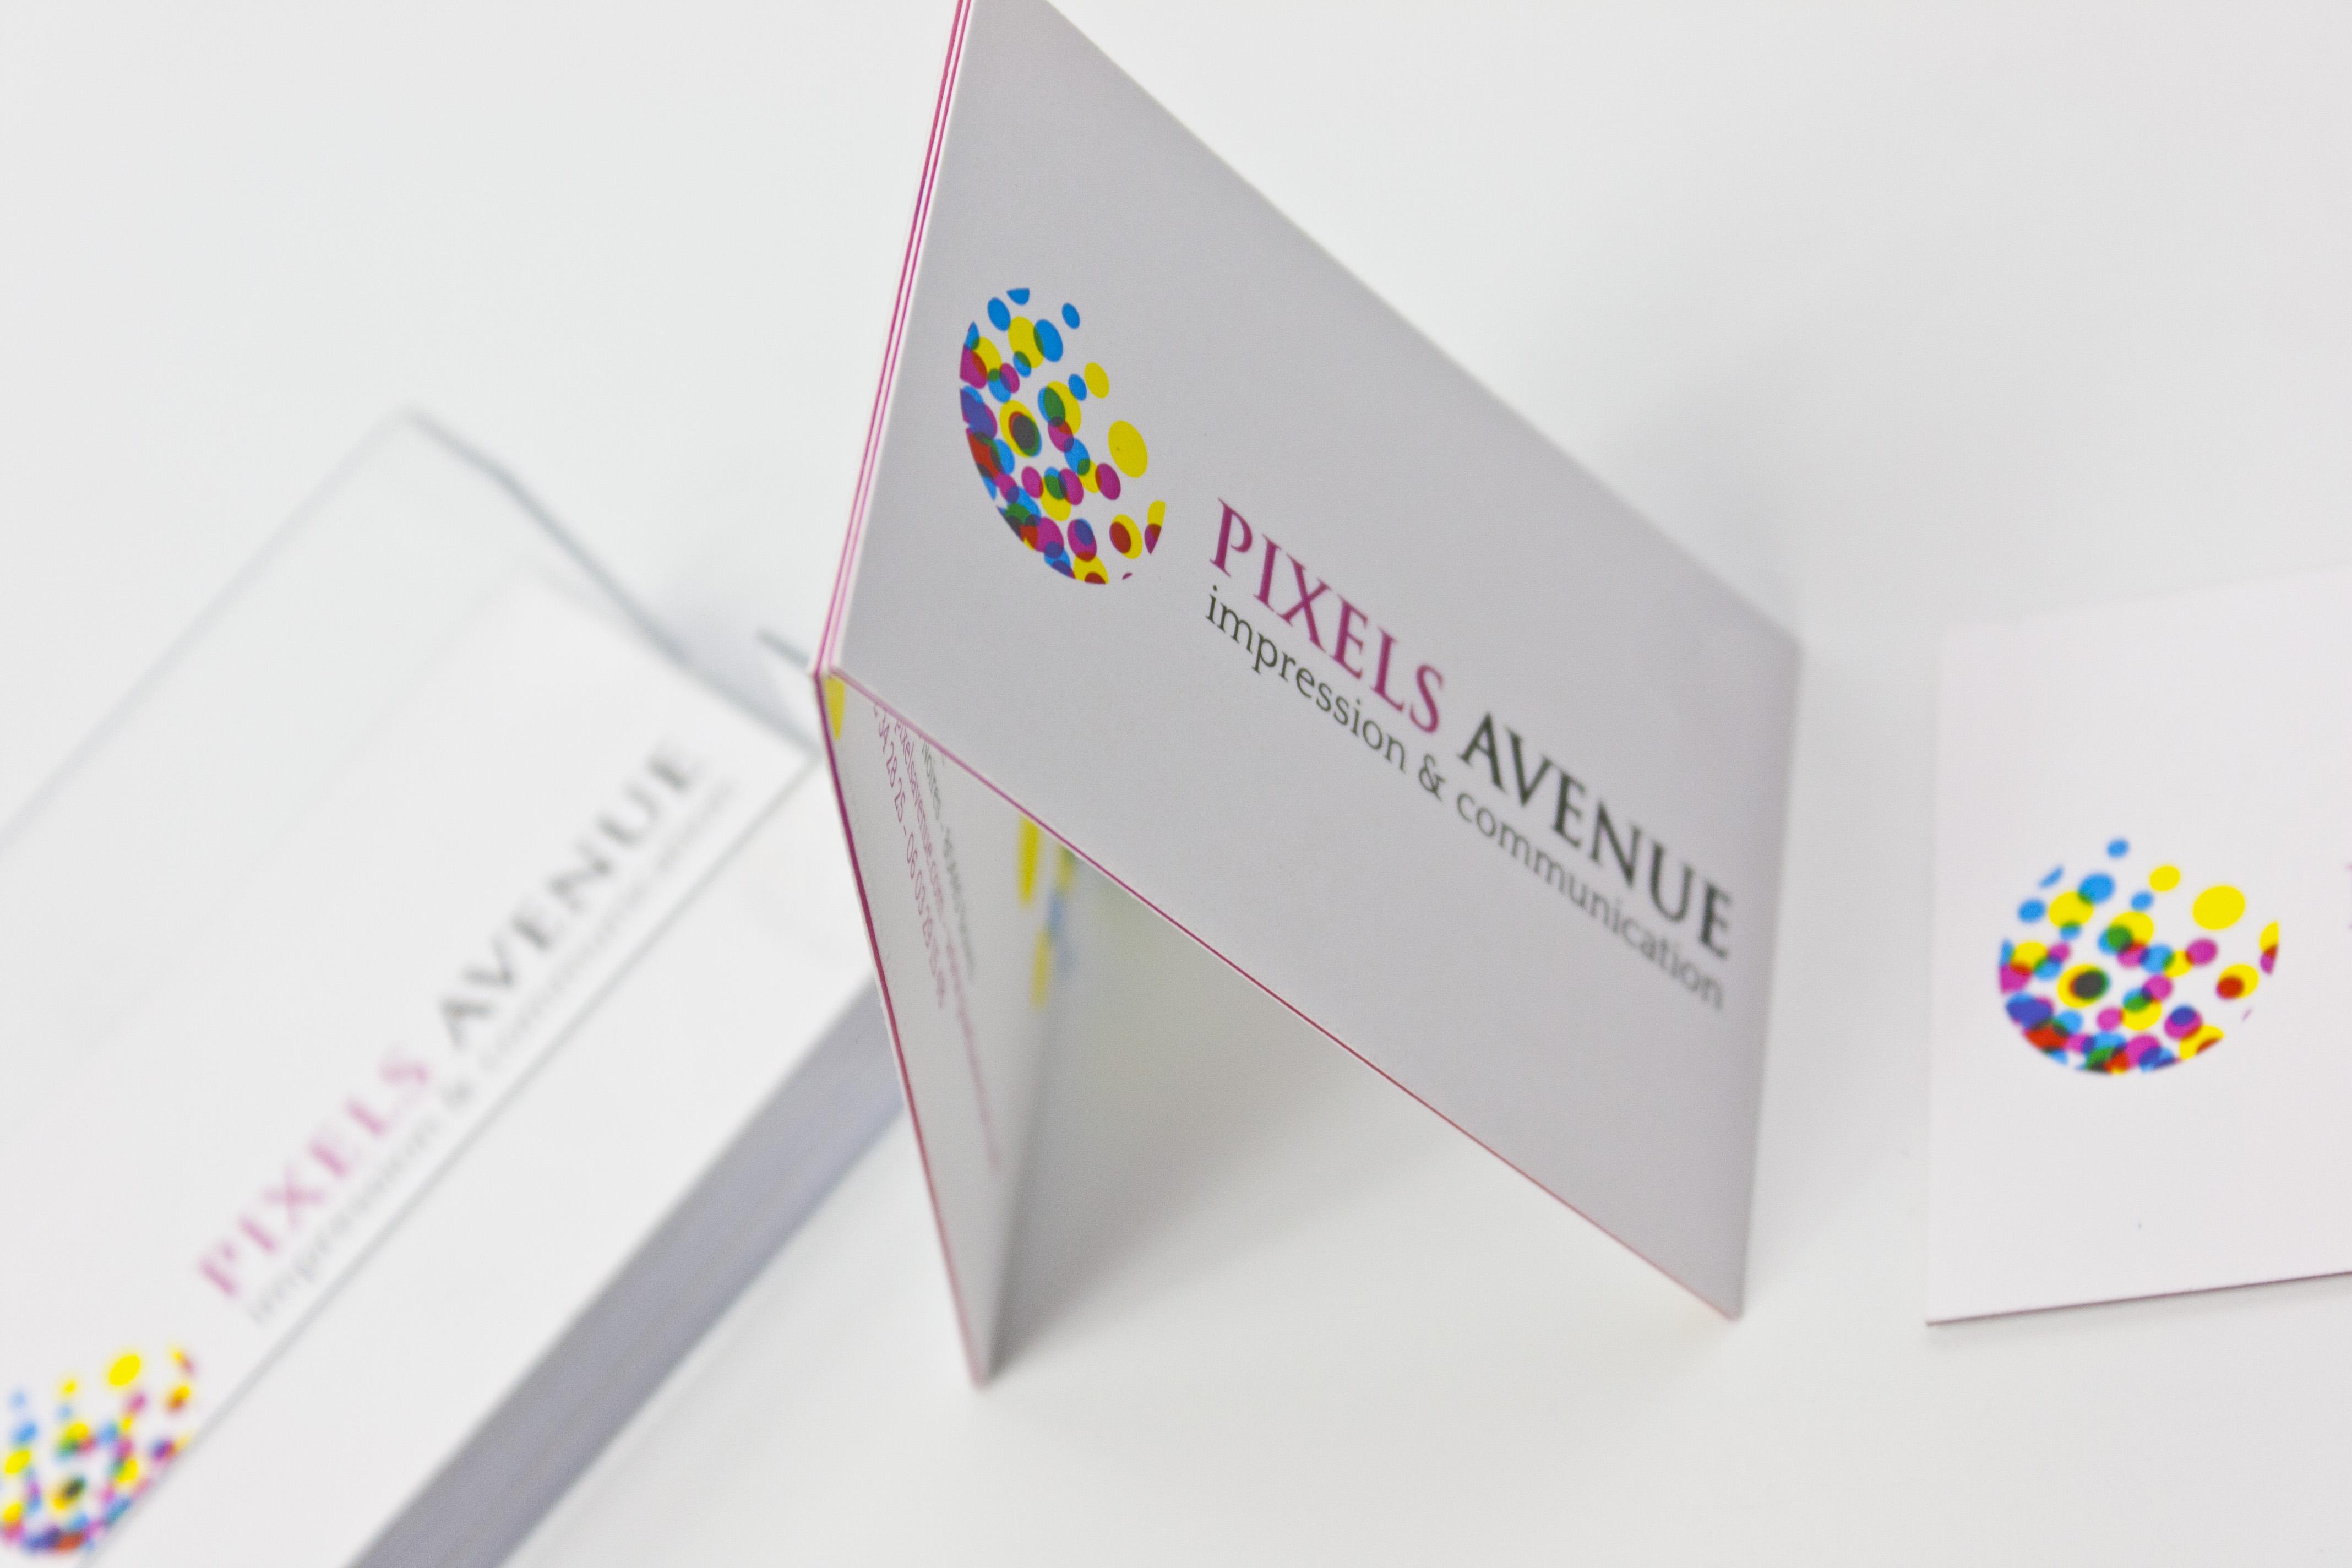 Pixels Avenue Lance Une Nouvelle Gamme De Cartes Visite Luxe